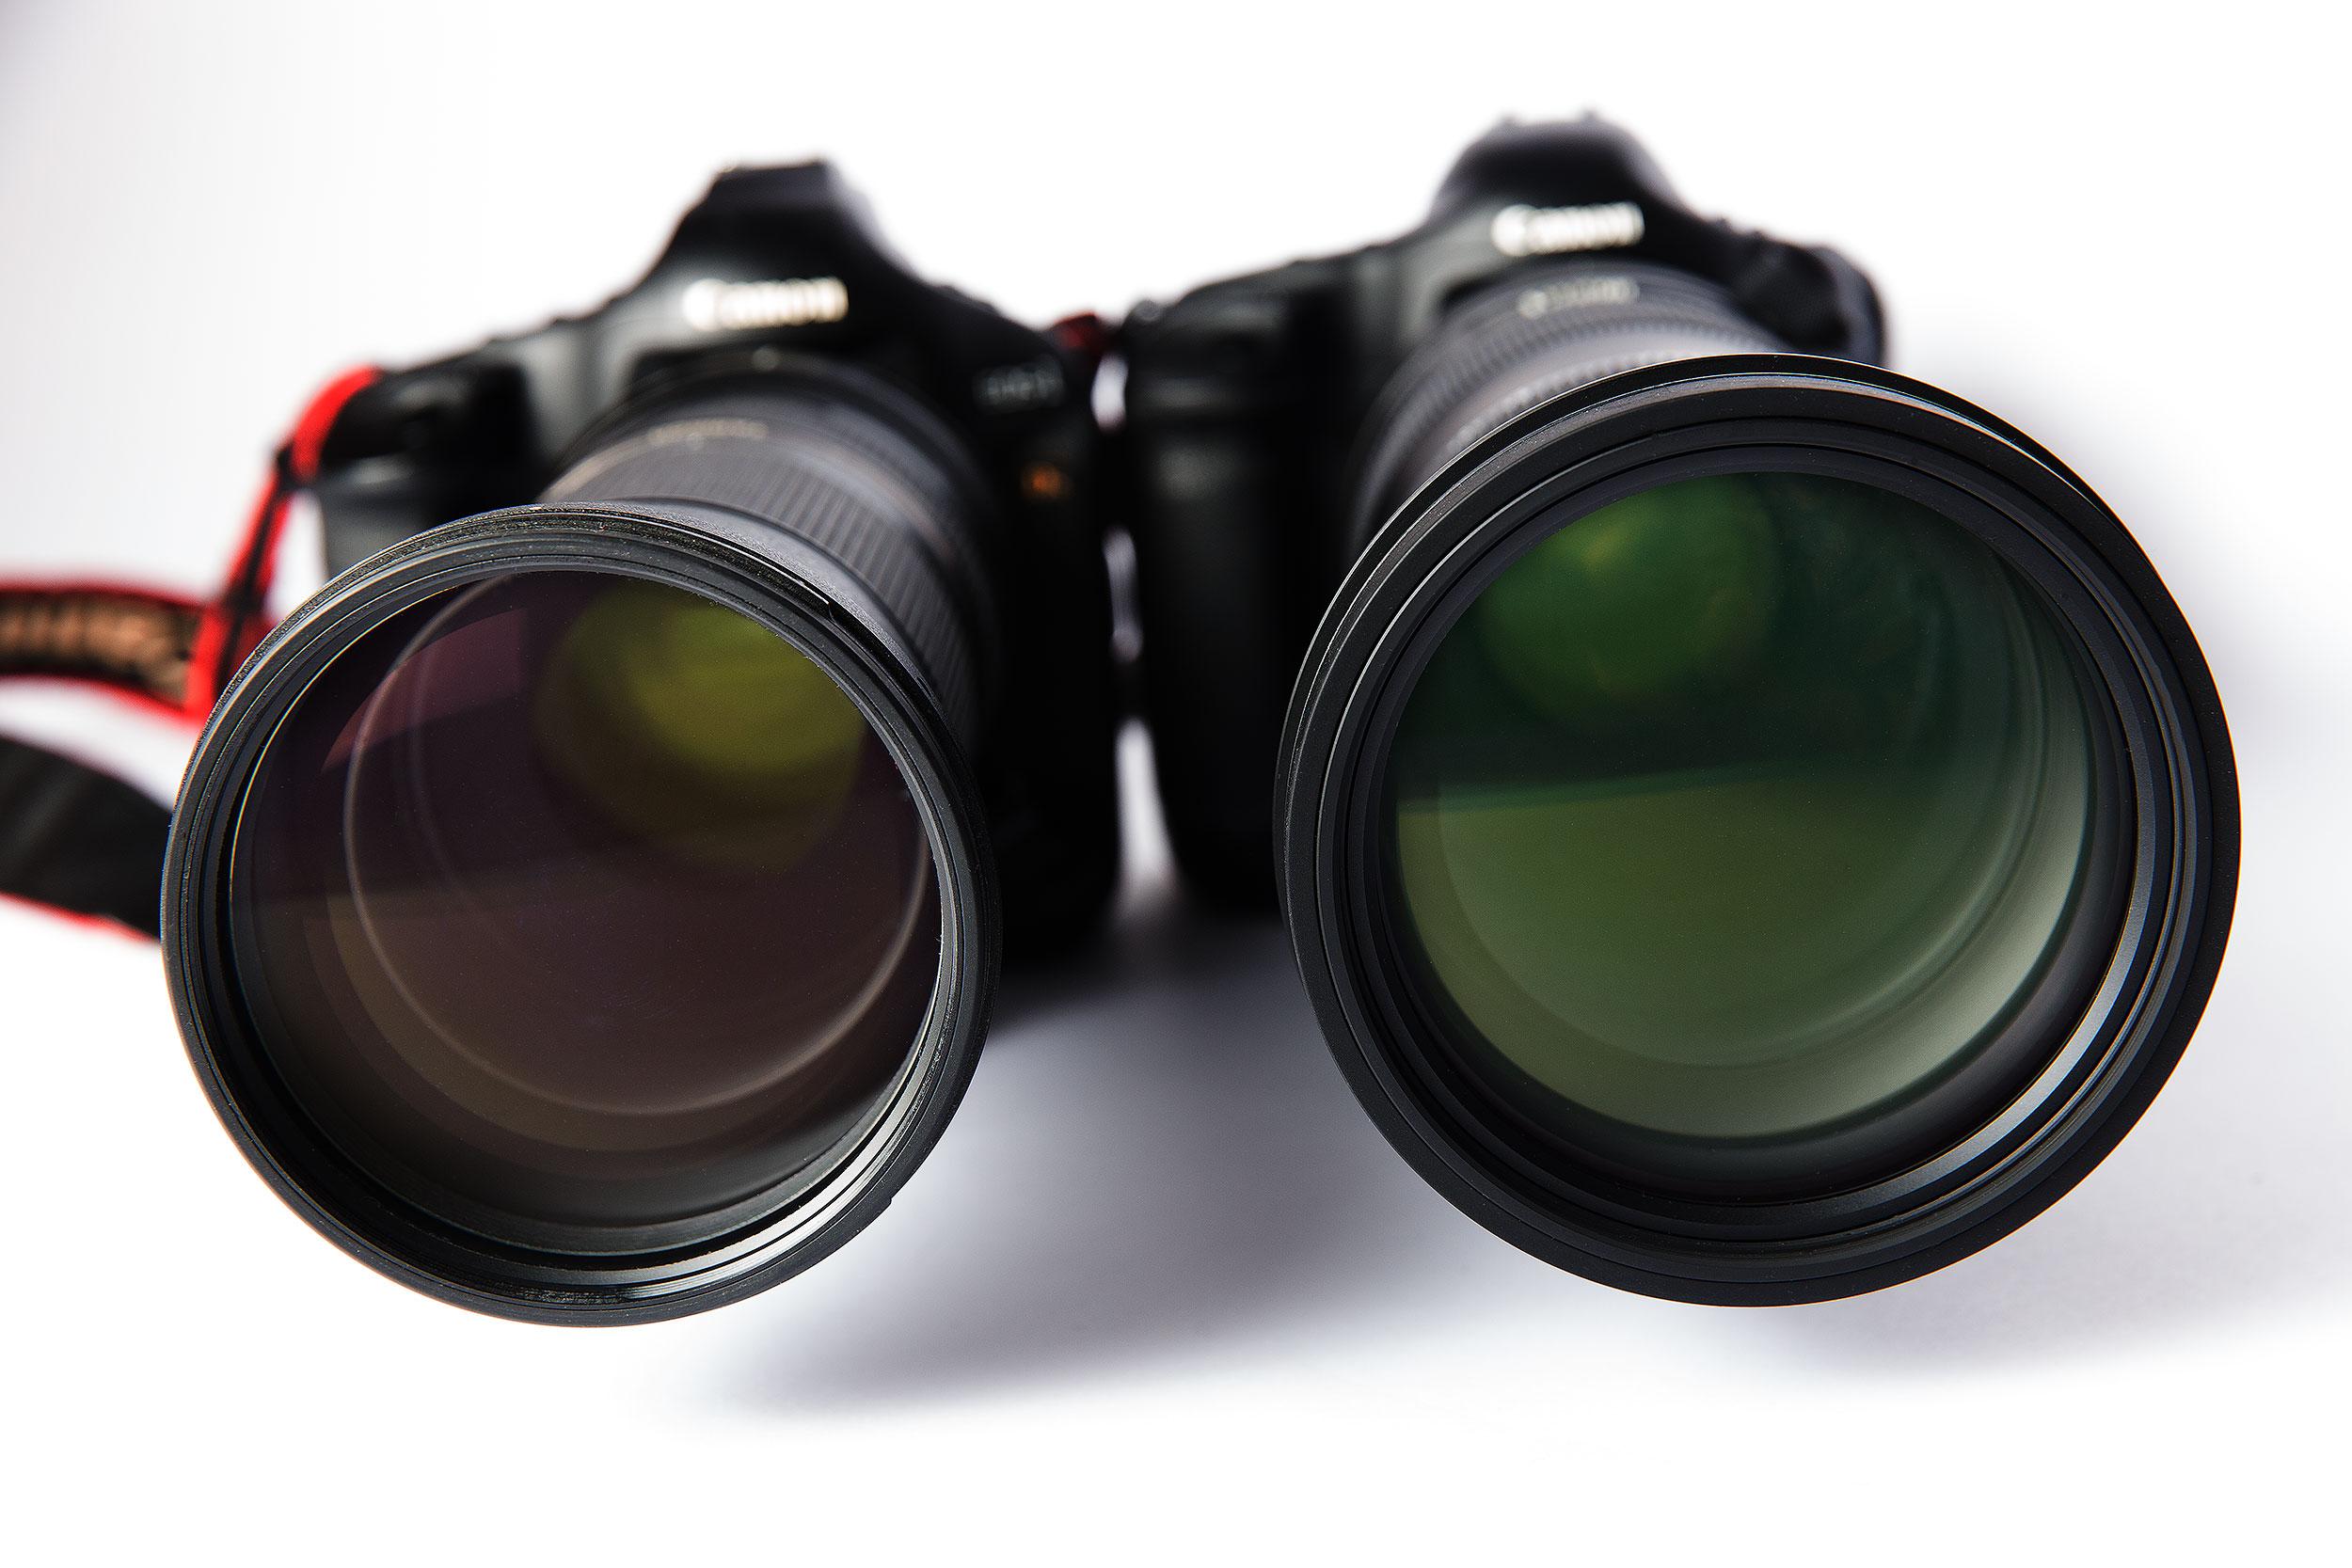 Ansicht der beiden Röhren von vorn: Das Tamron (links) hat einen Frontlinsendurchmesser von 95 mm, das Sigma 105 mm. Interessantes Details: Tamron liefert sein Zoom mit einer Kunststoff-Gegenlichtblende aus, Sigma legt seiner Röhre eine Metall-Gegenlichtblende bei.